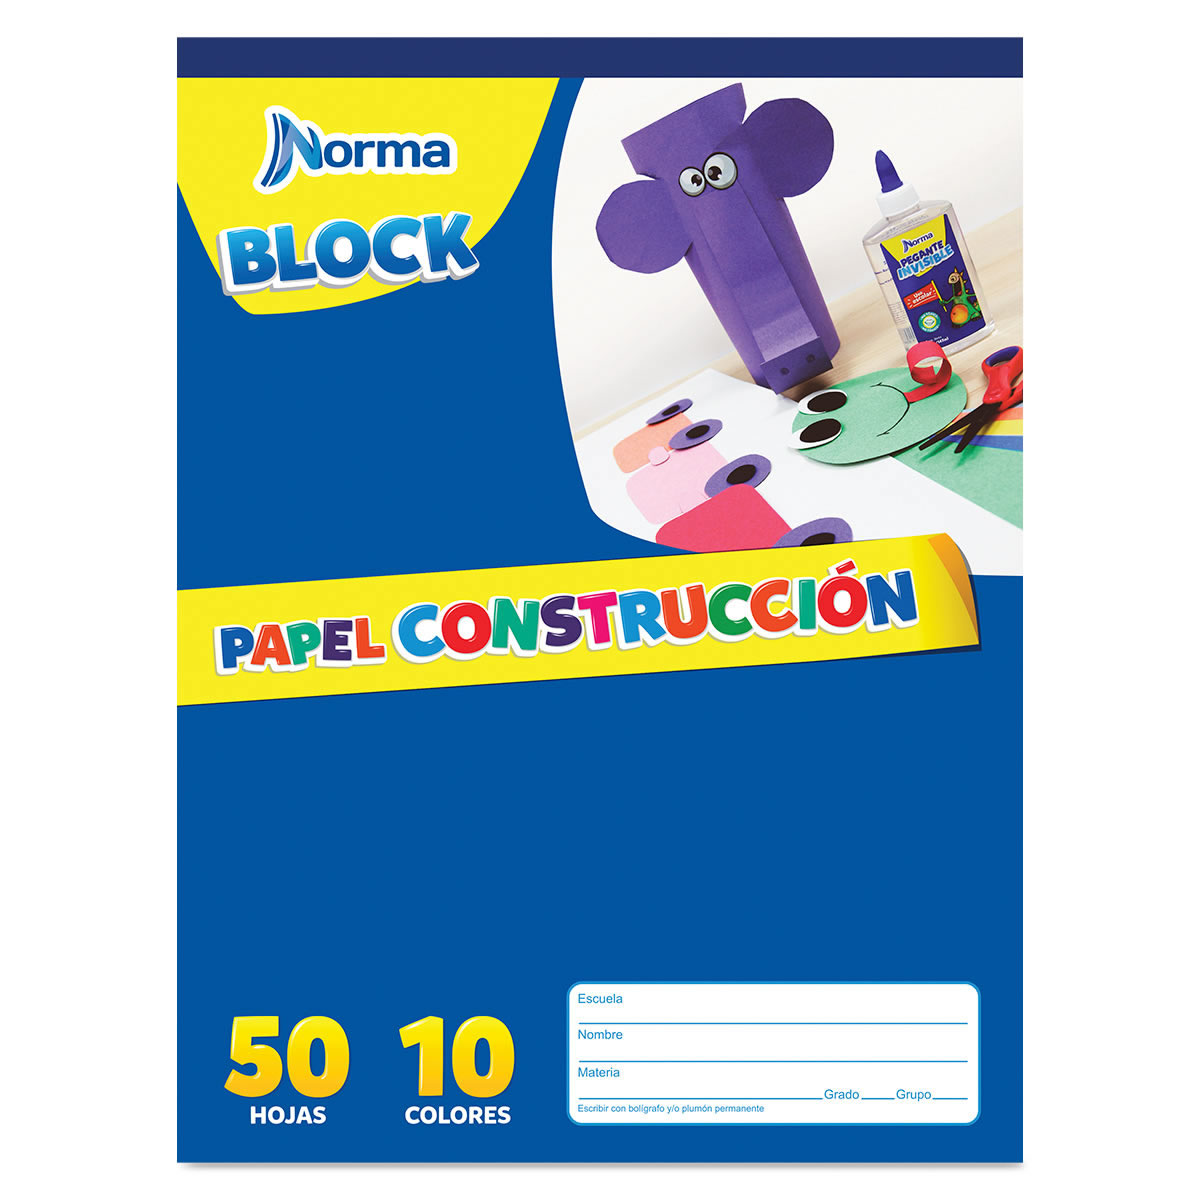 BLOCK CONSTRUCCION 30X23 534903 NORMA_1